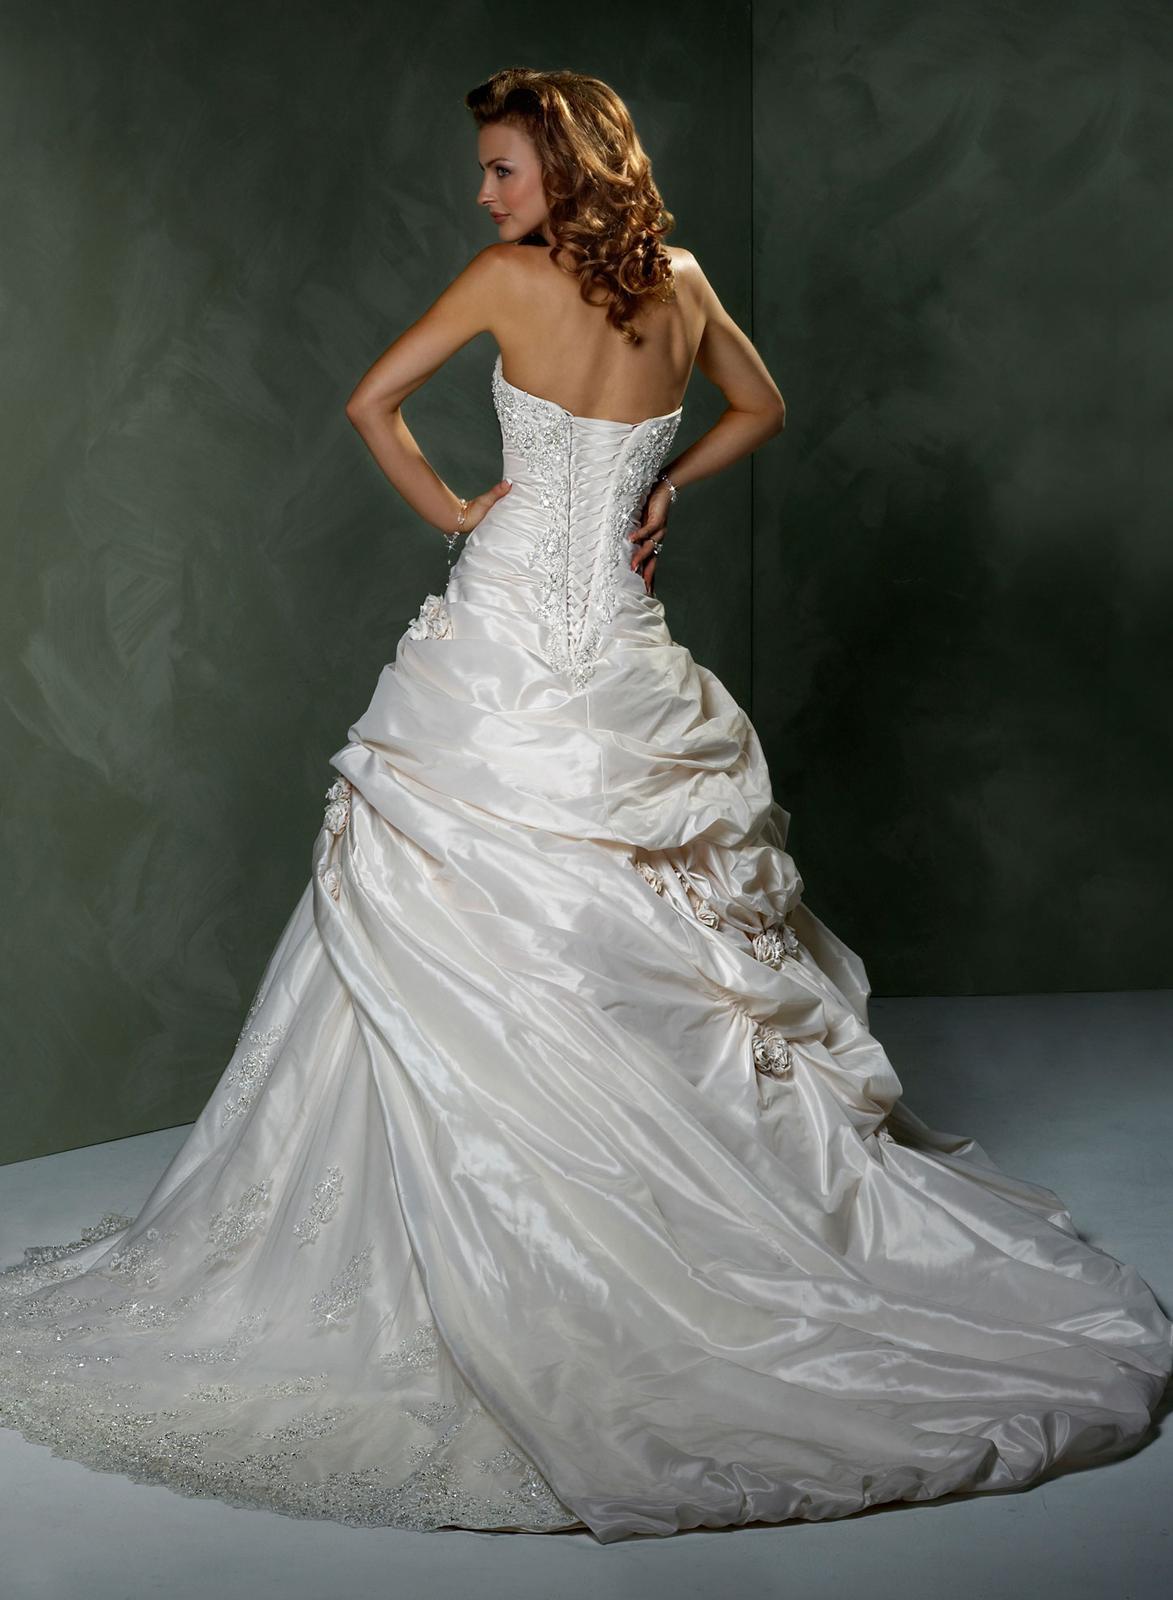 Výpredaj svadobných šiat! - Farba: light gold/ivory lace w.pewter accent, veľkosť 34-38